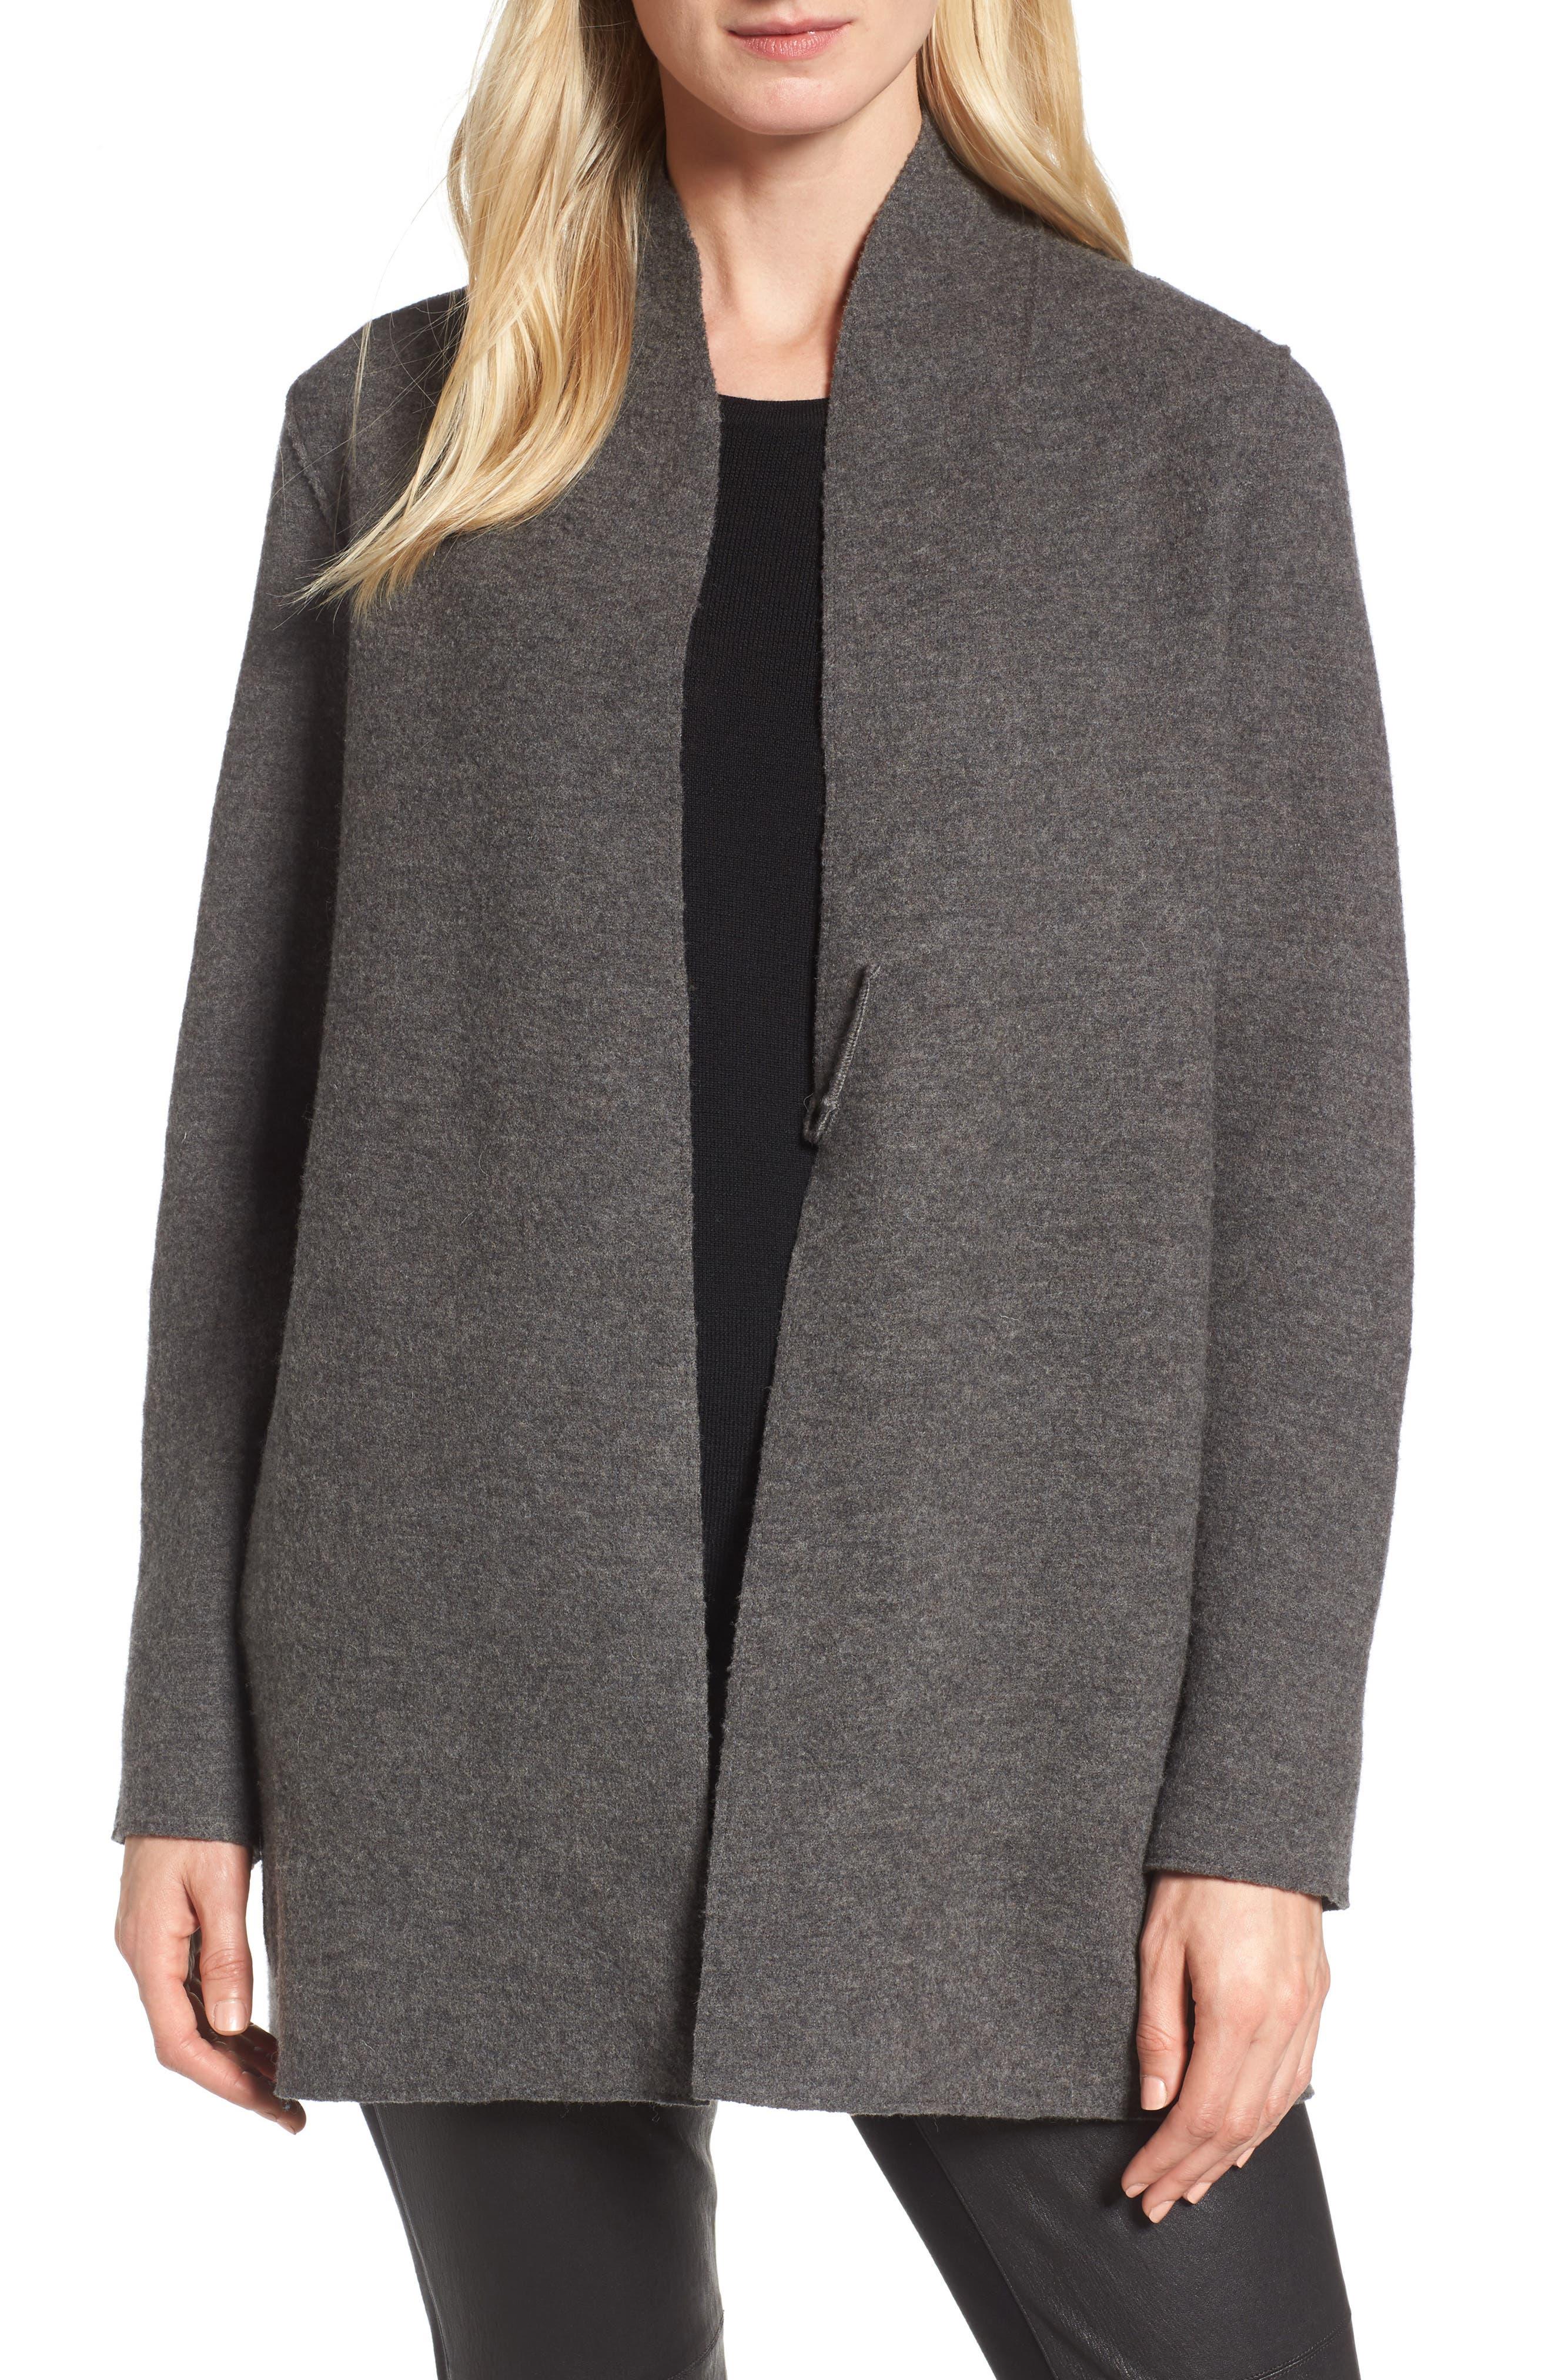 Eileen Fisher Boiled Wool Jacket